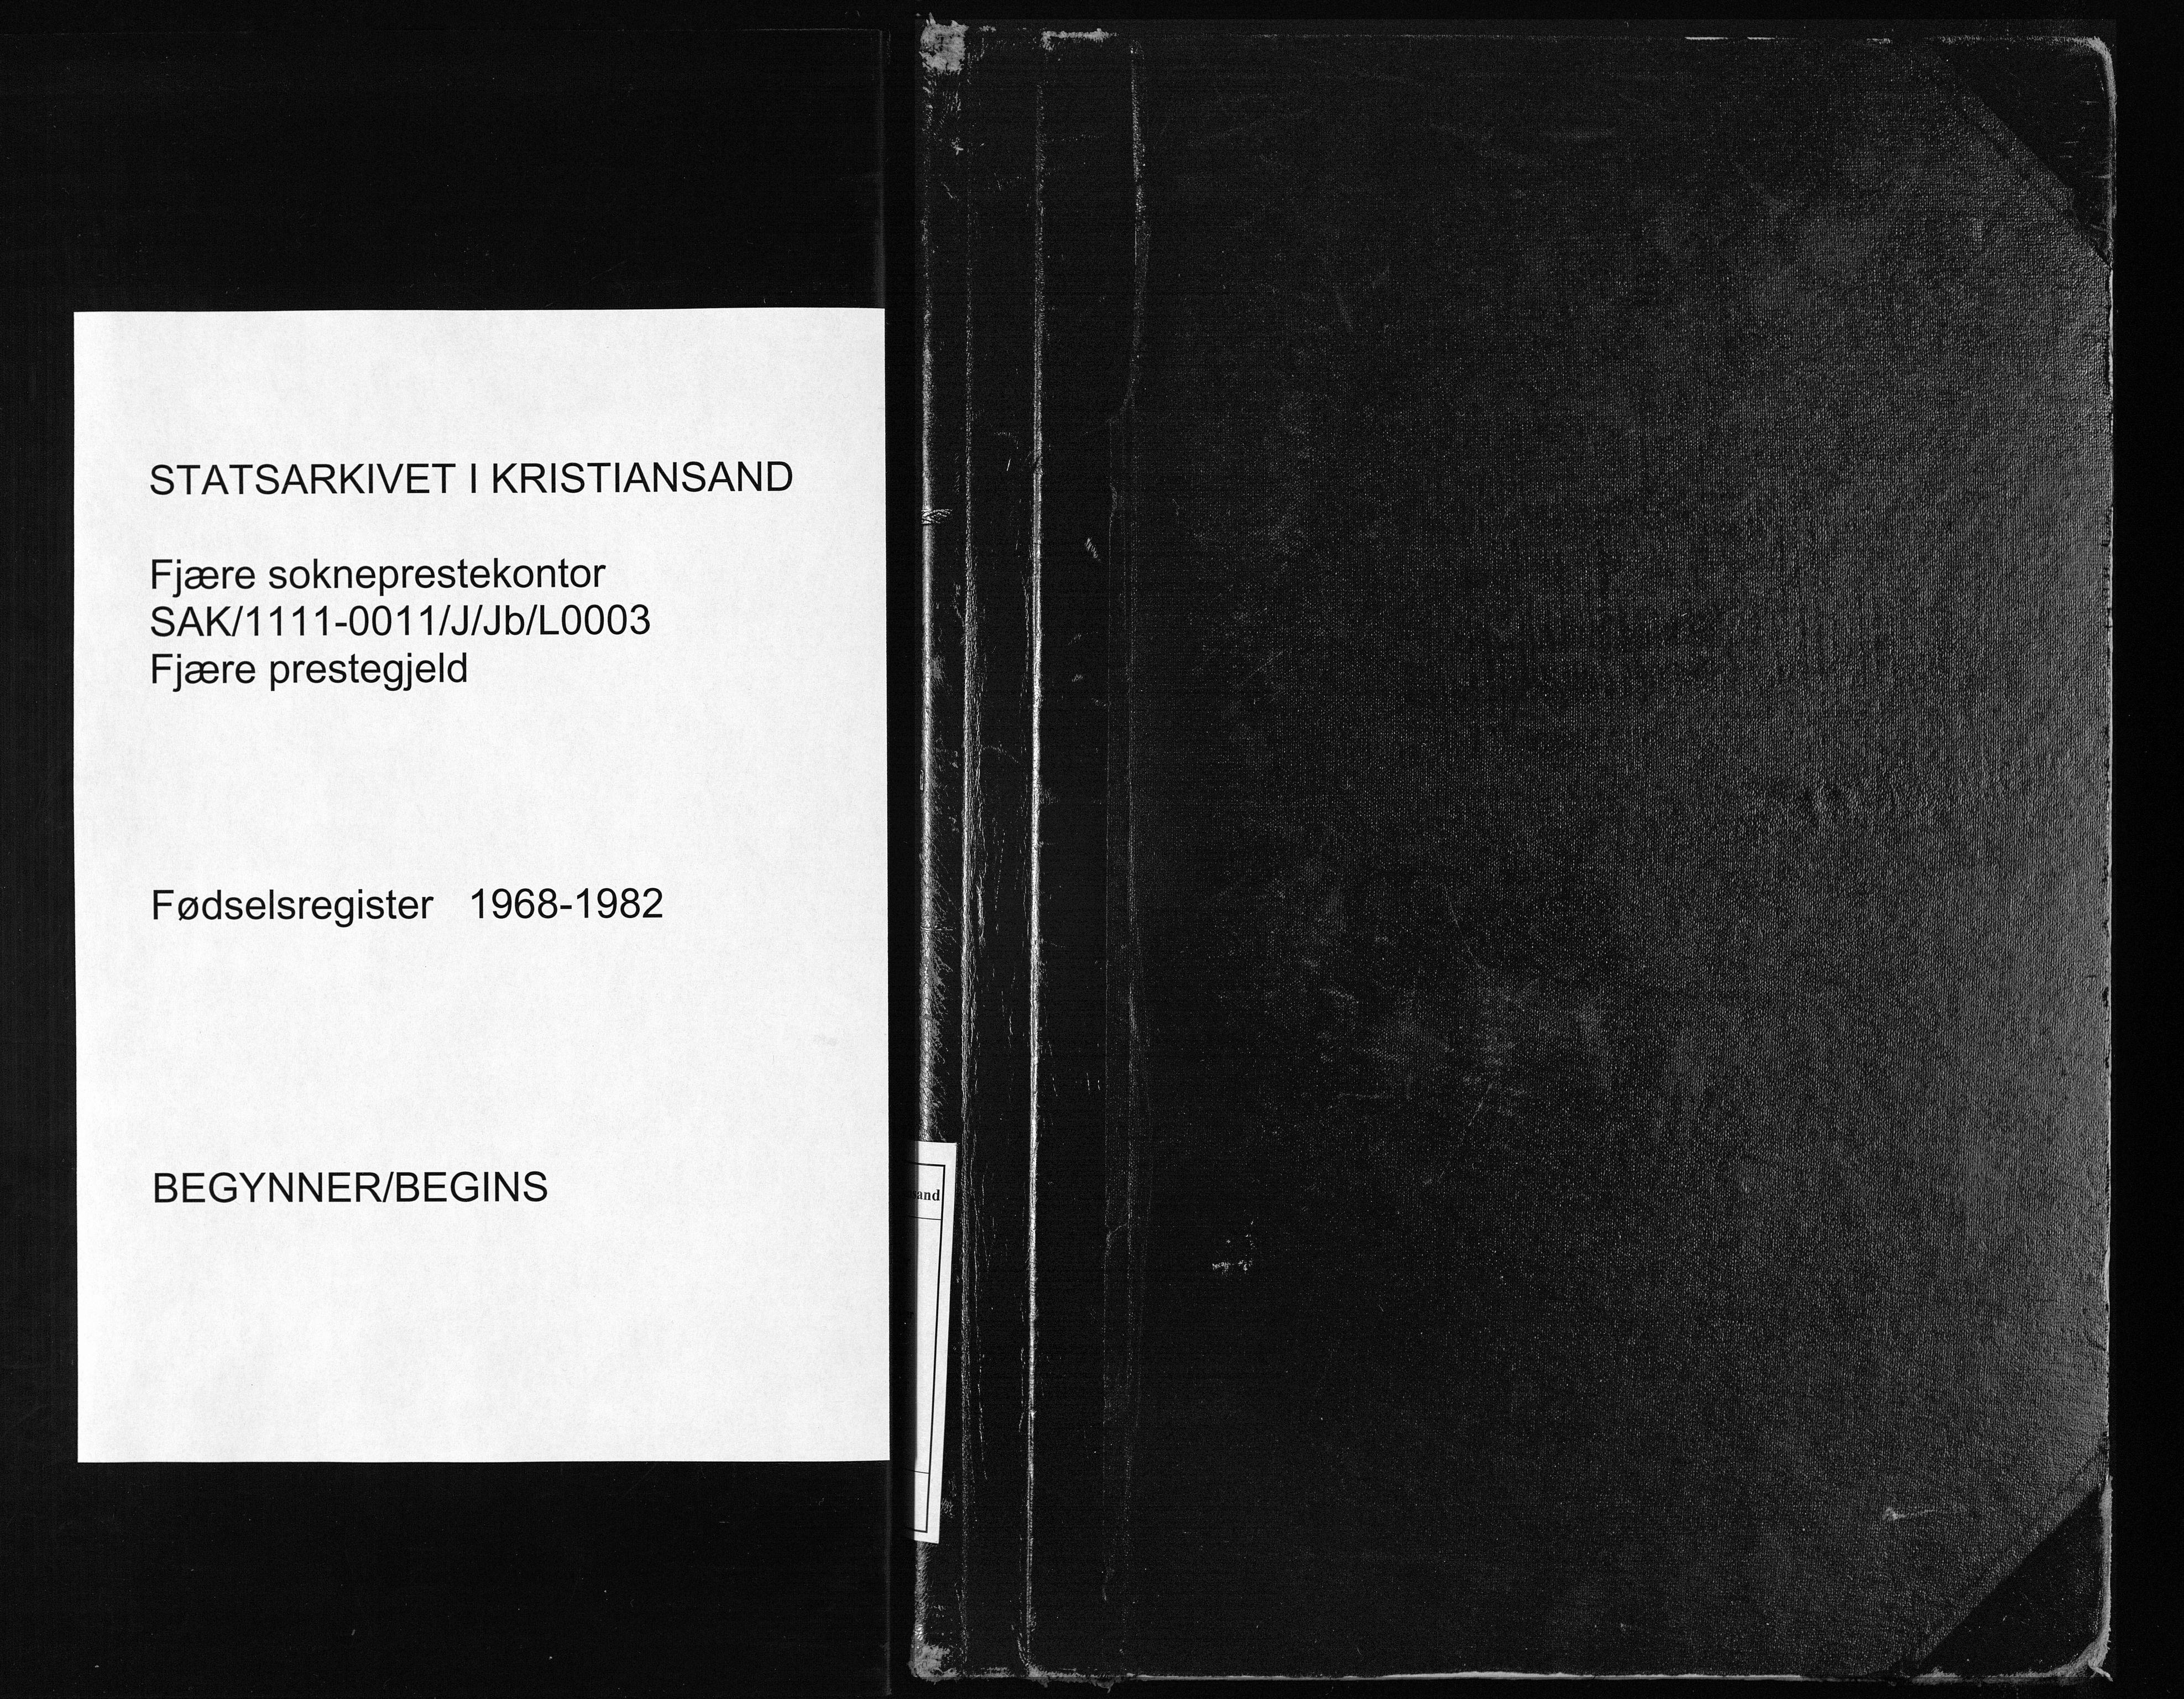 SAK, Fjære sokneprestkontor, J/Jb/L0003: Fødselsregister nr. 3, 1968-1982